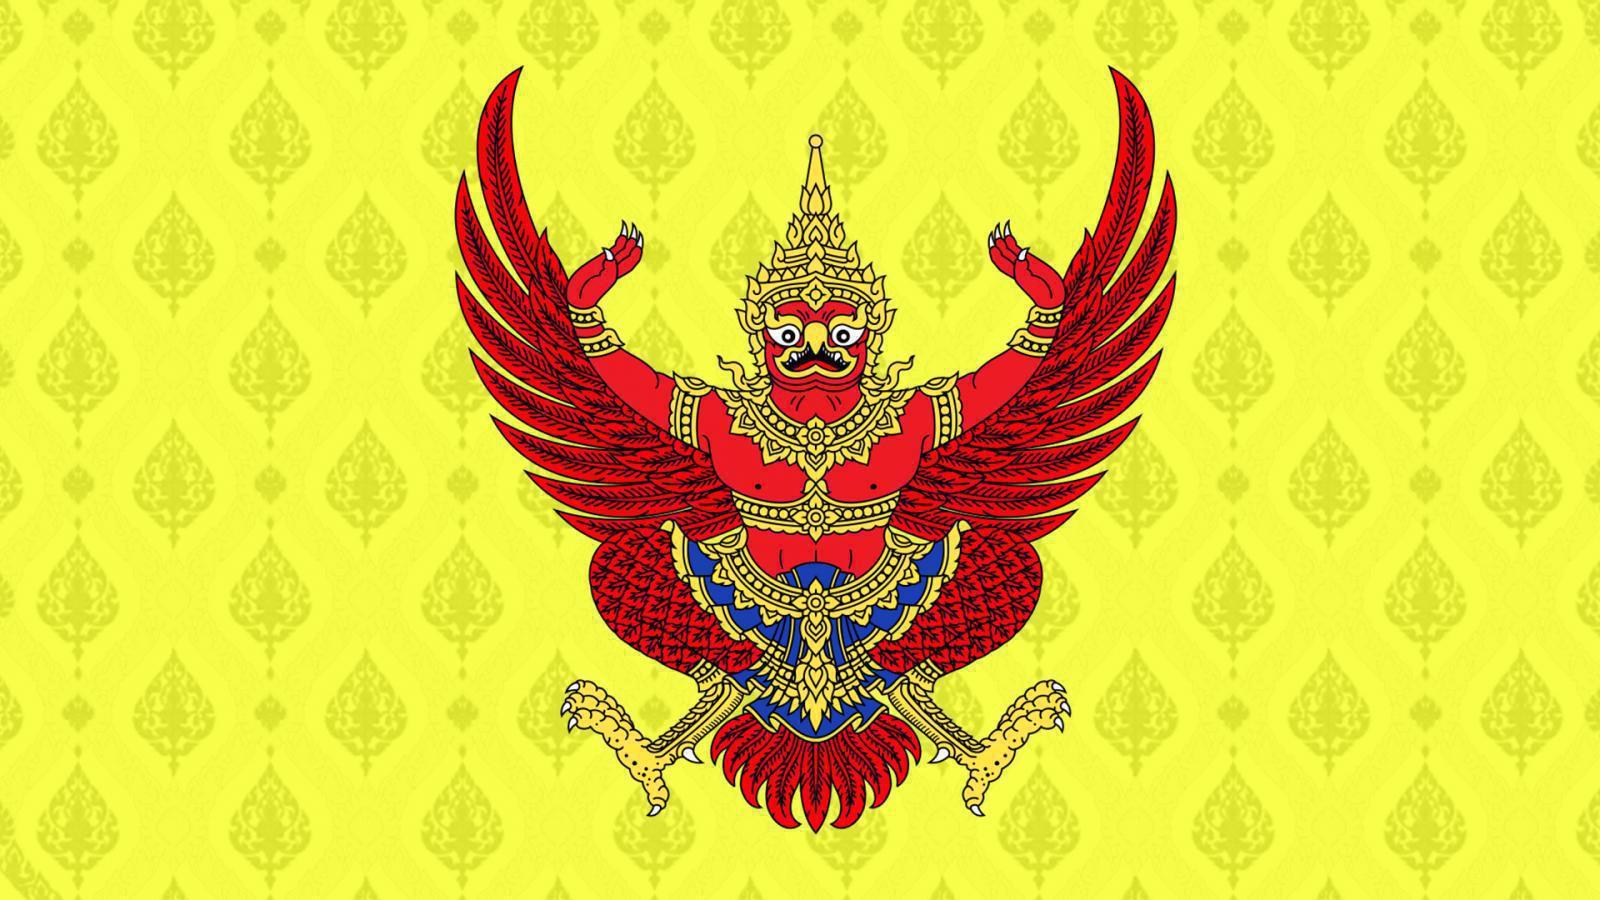 พระบรมราชโองการ โปรดเกล้าฯ 34 นายทหารราชองครักษ์ นายตำรวจราชองครักษ์